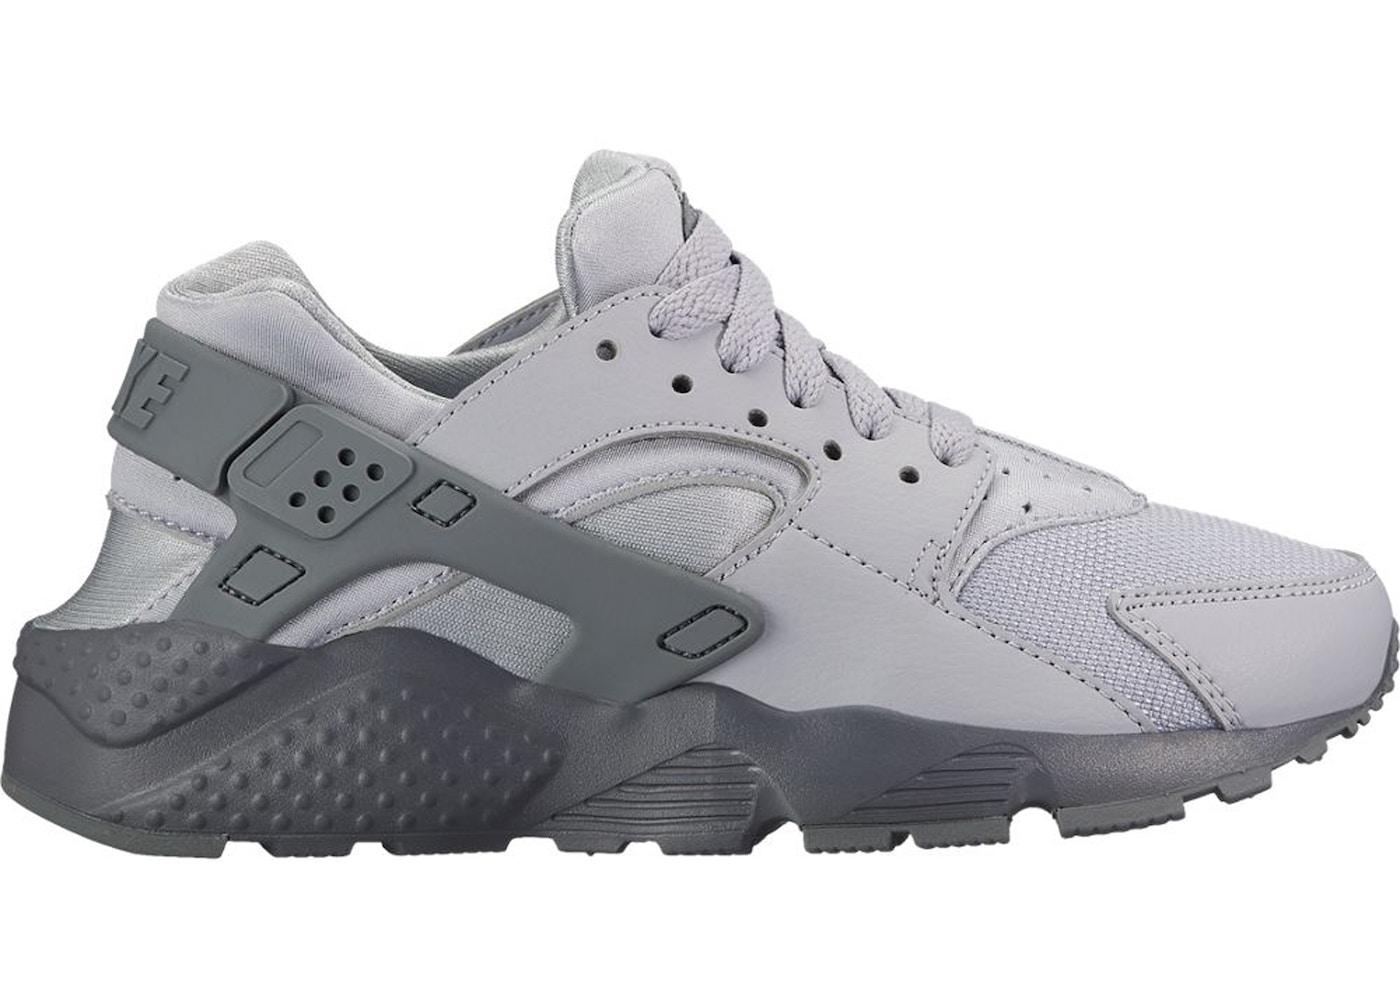 Nike Air Huarache Run Wolf Grey Cool Grey (GS) - 654275-032